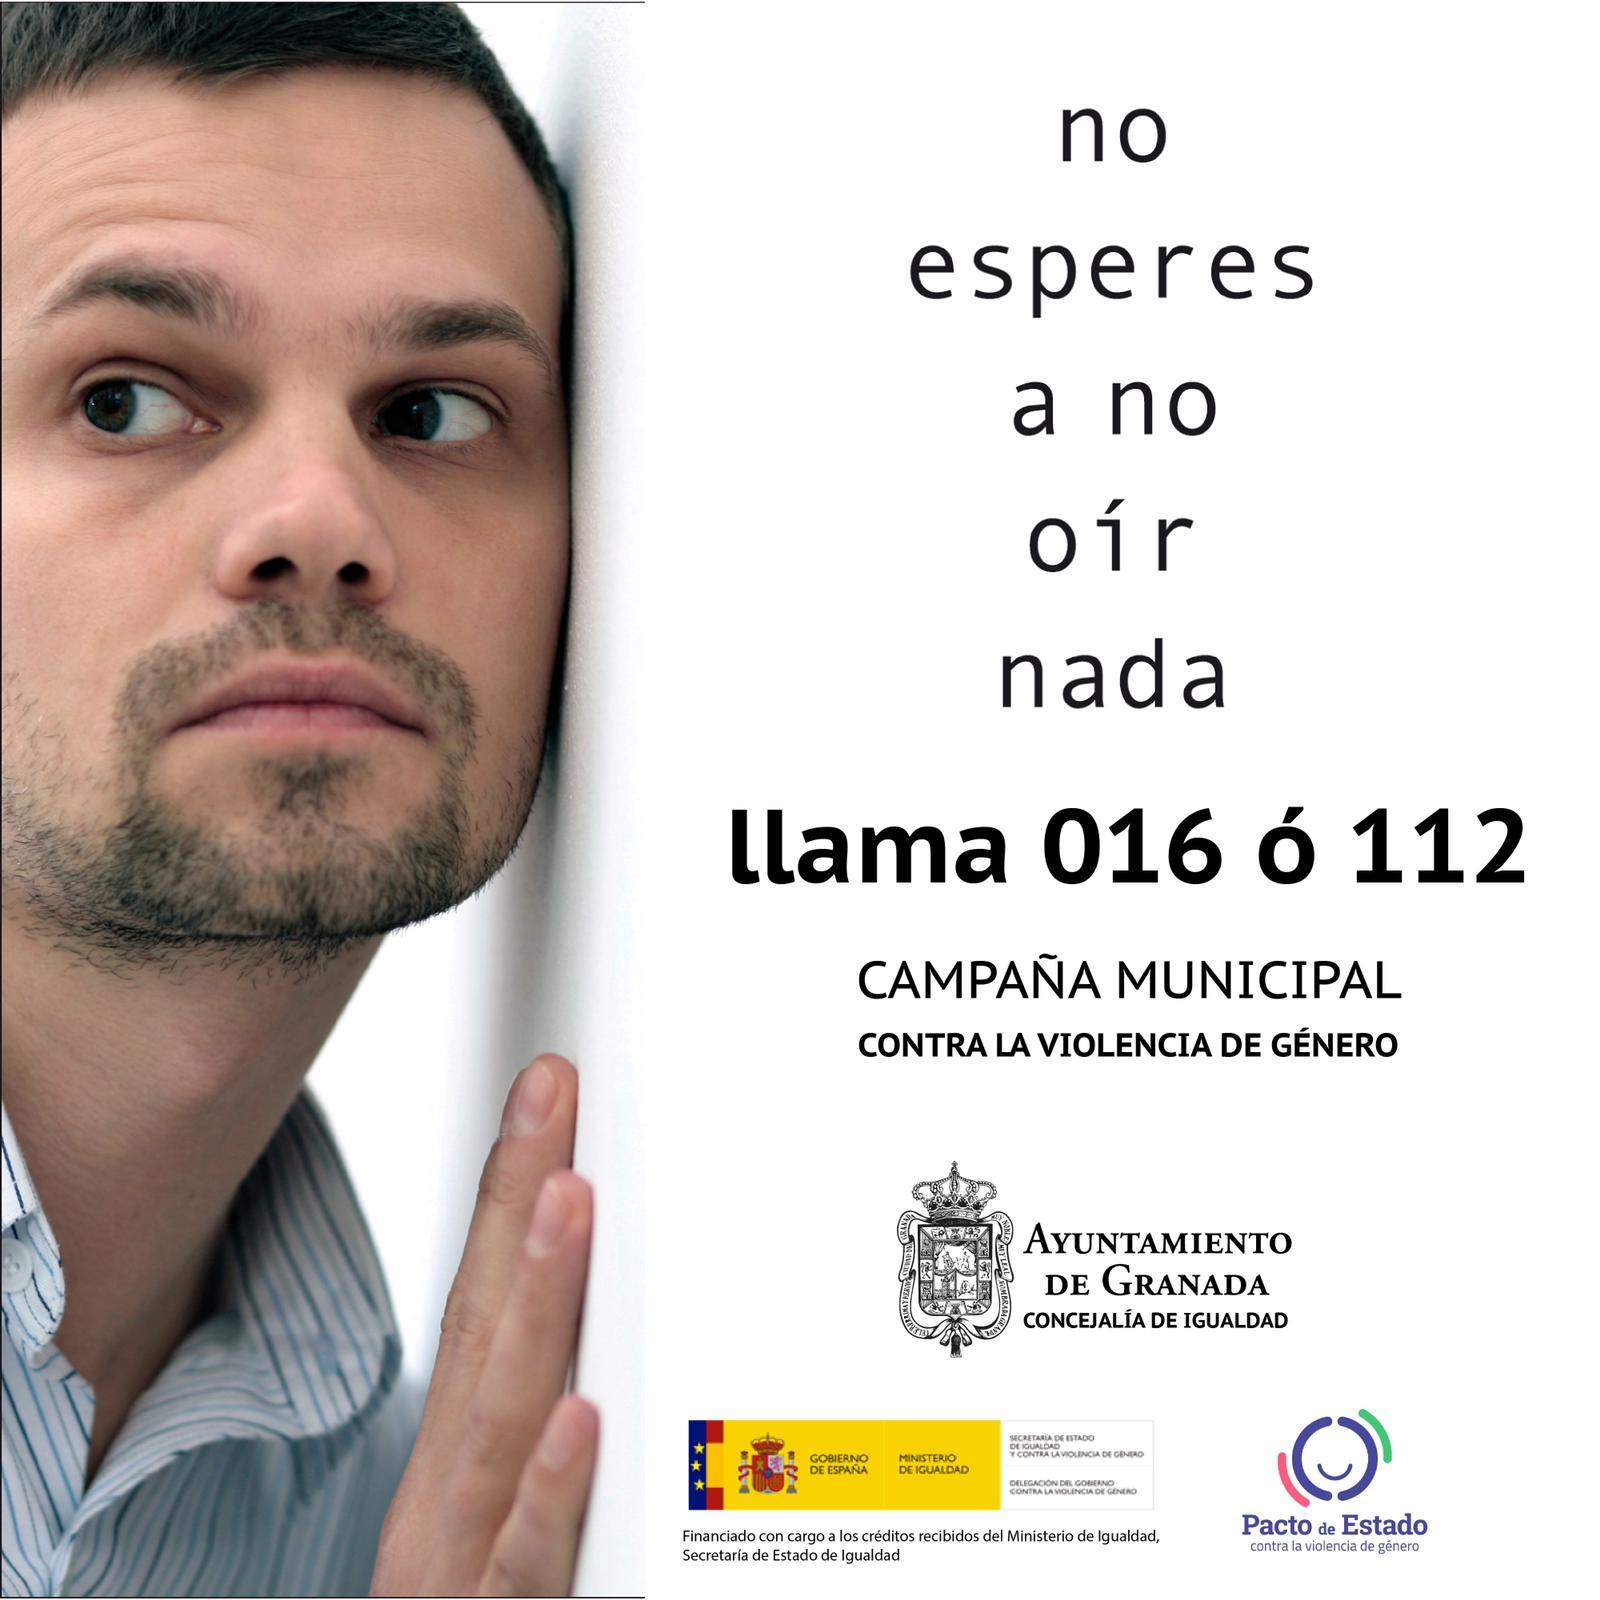 Las pulseras de control por violencia de género en Andalucía crecen un 46% en un año, con 846 activas